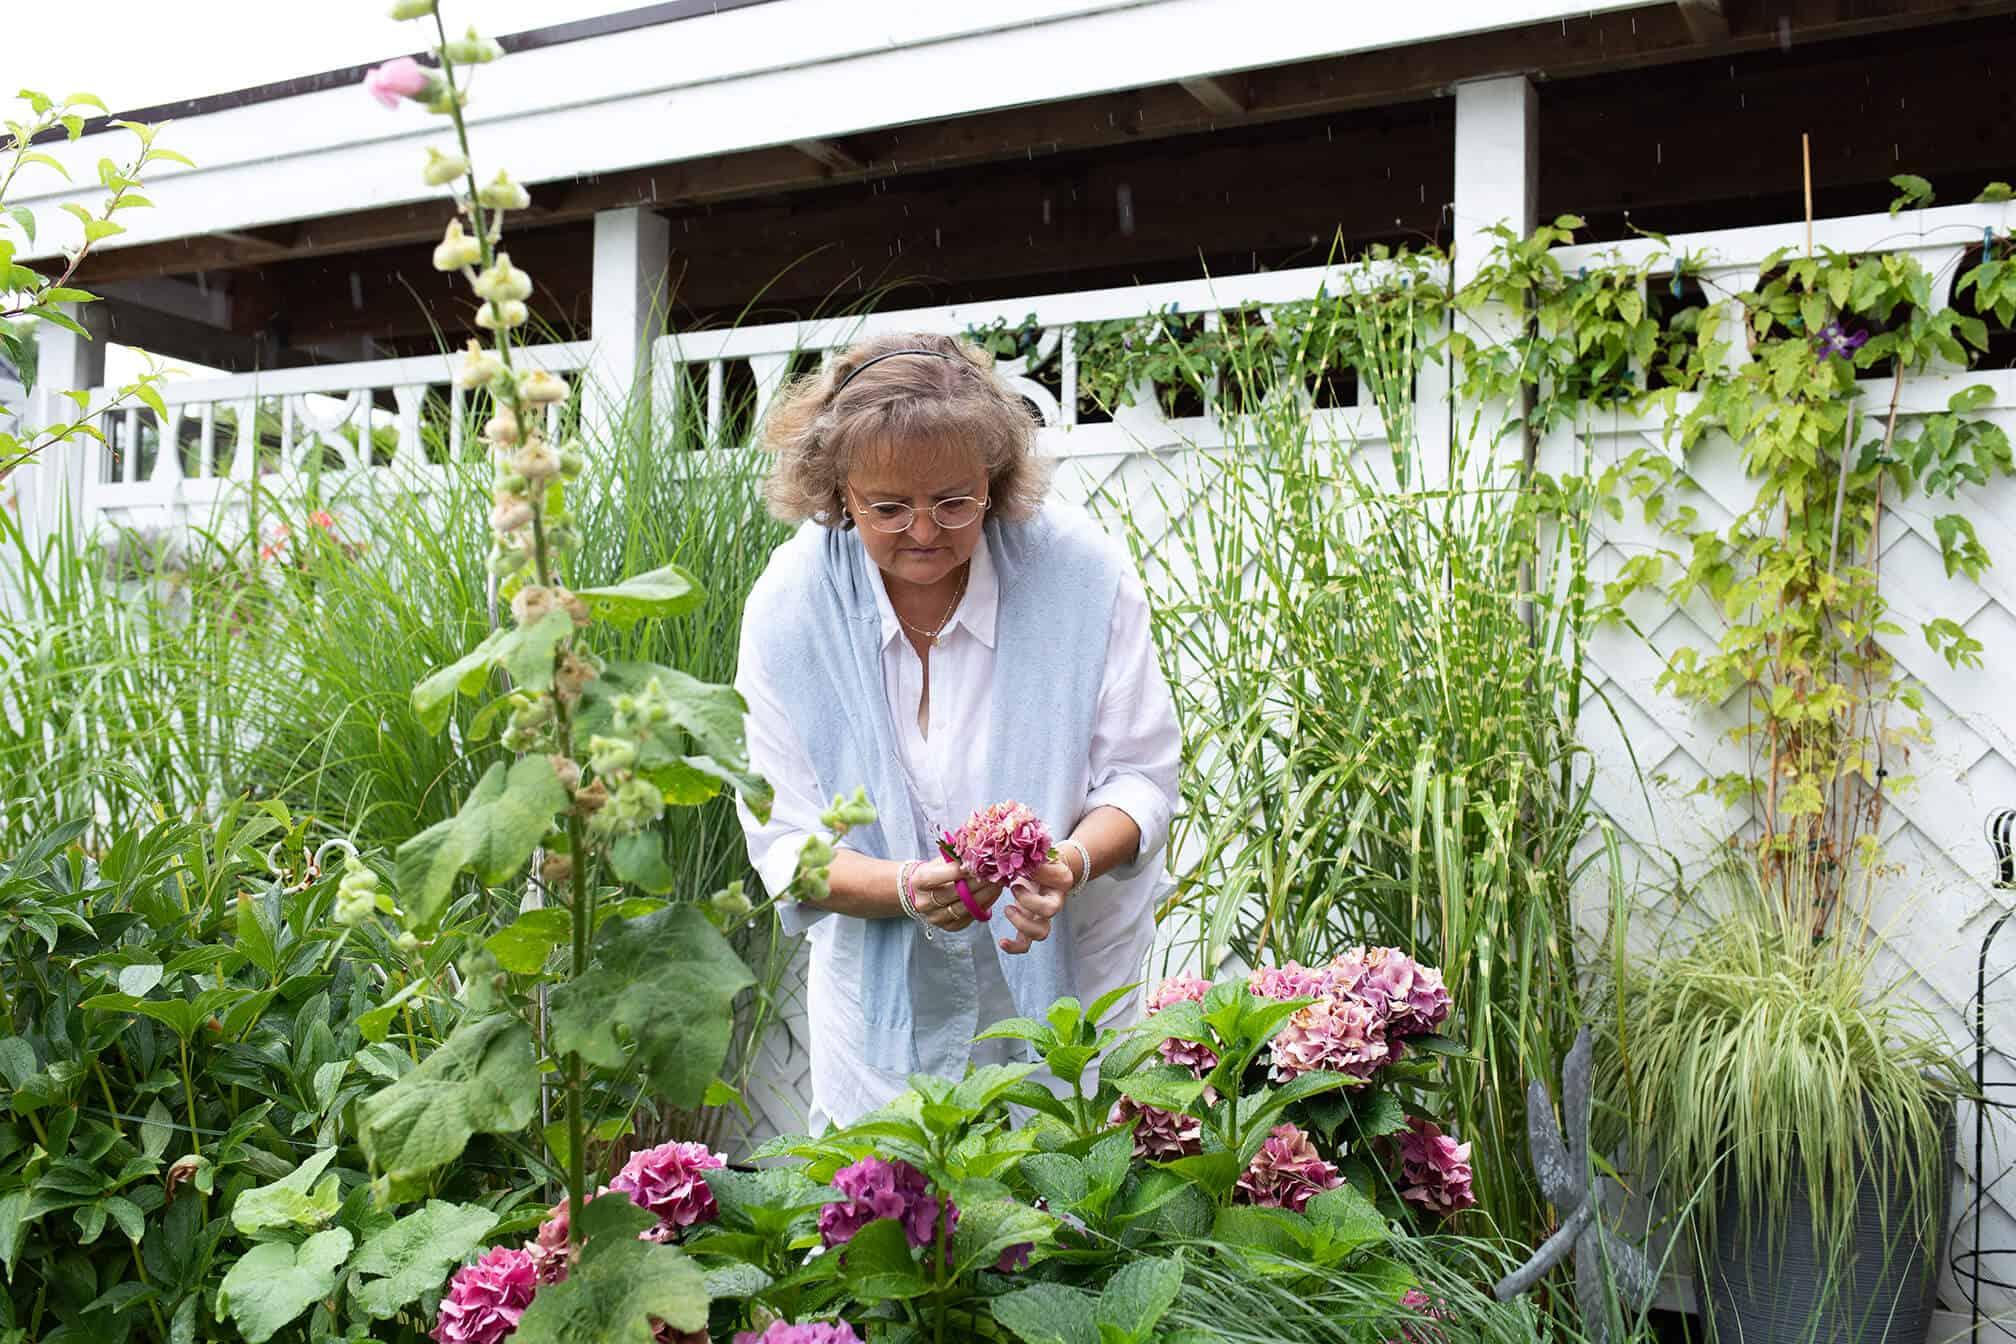 Bettina im Garten